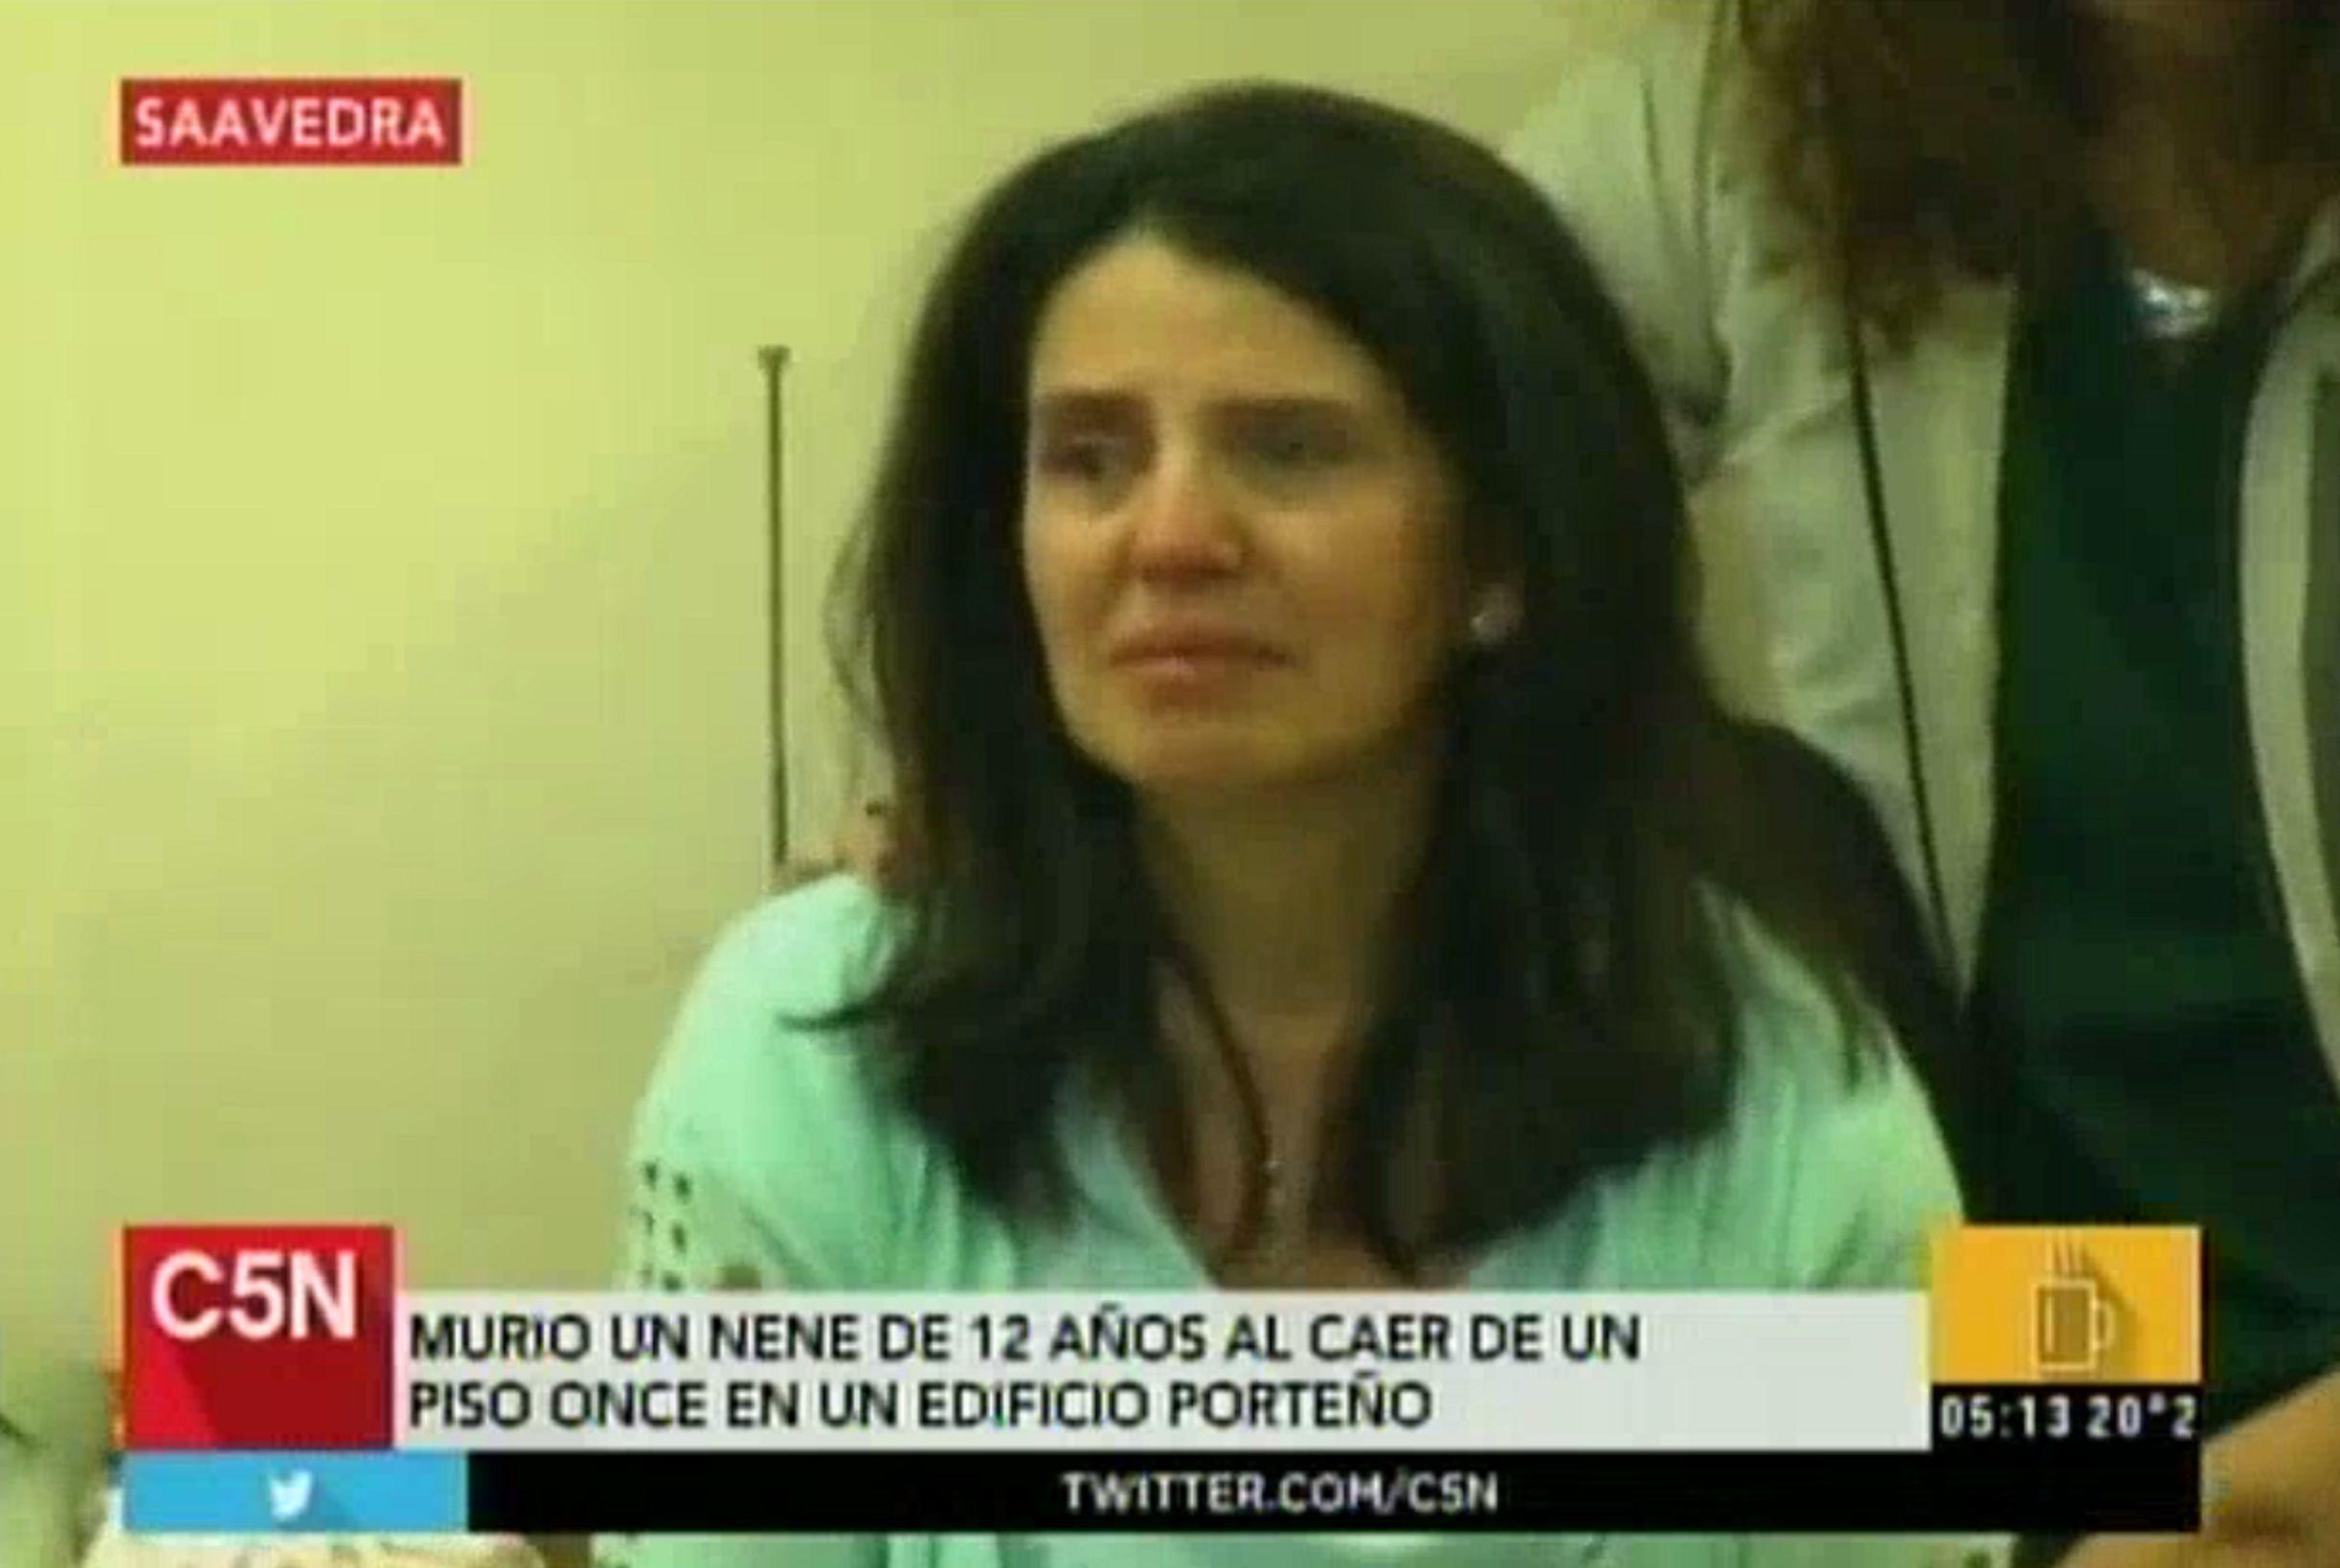 El chico que cayó de un piso once en Saavedra habría sido víctima de bullying